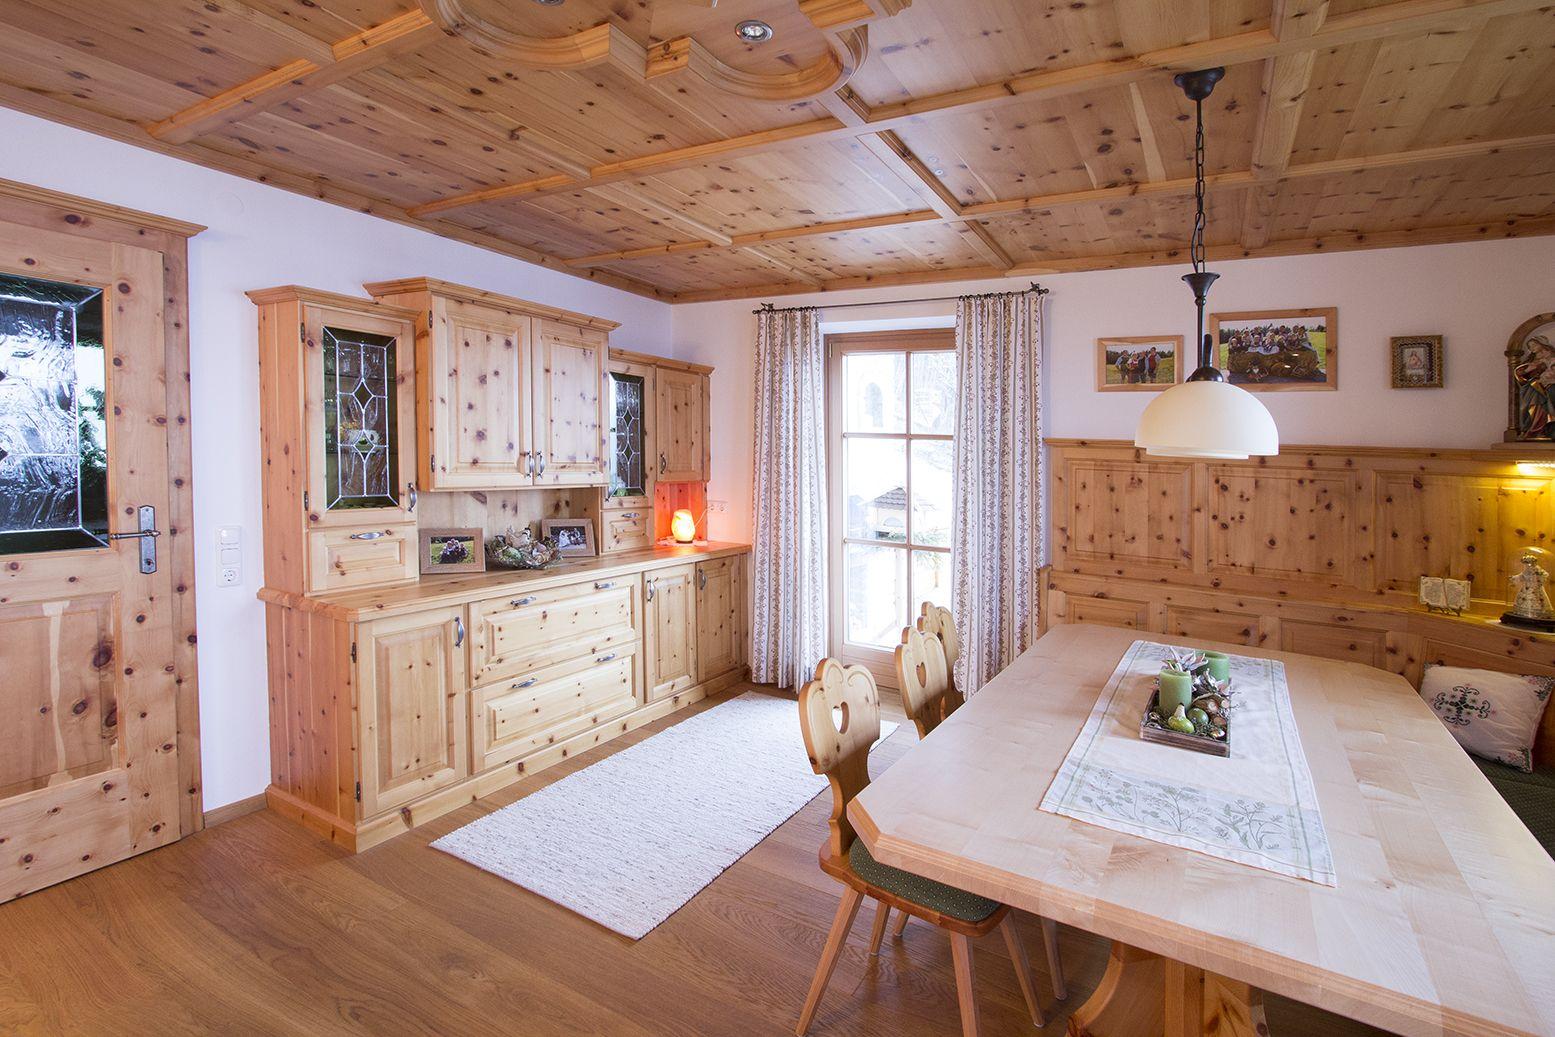 Wohnzimmer aus Zirbenholz mit Türe aus Zirbenholz. Großer